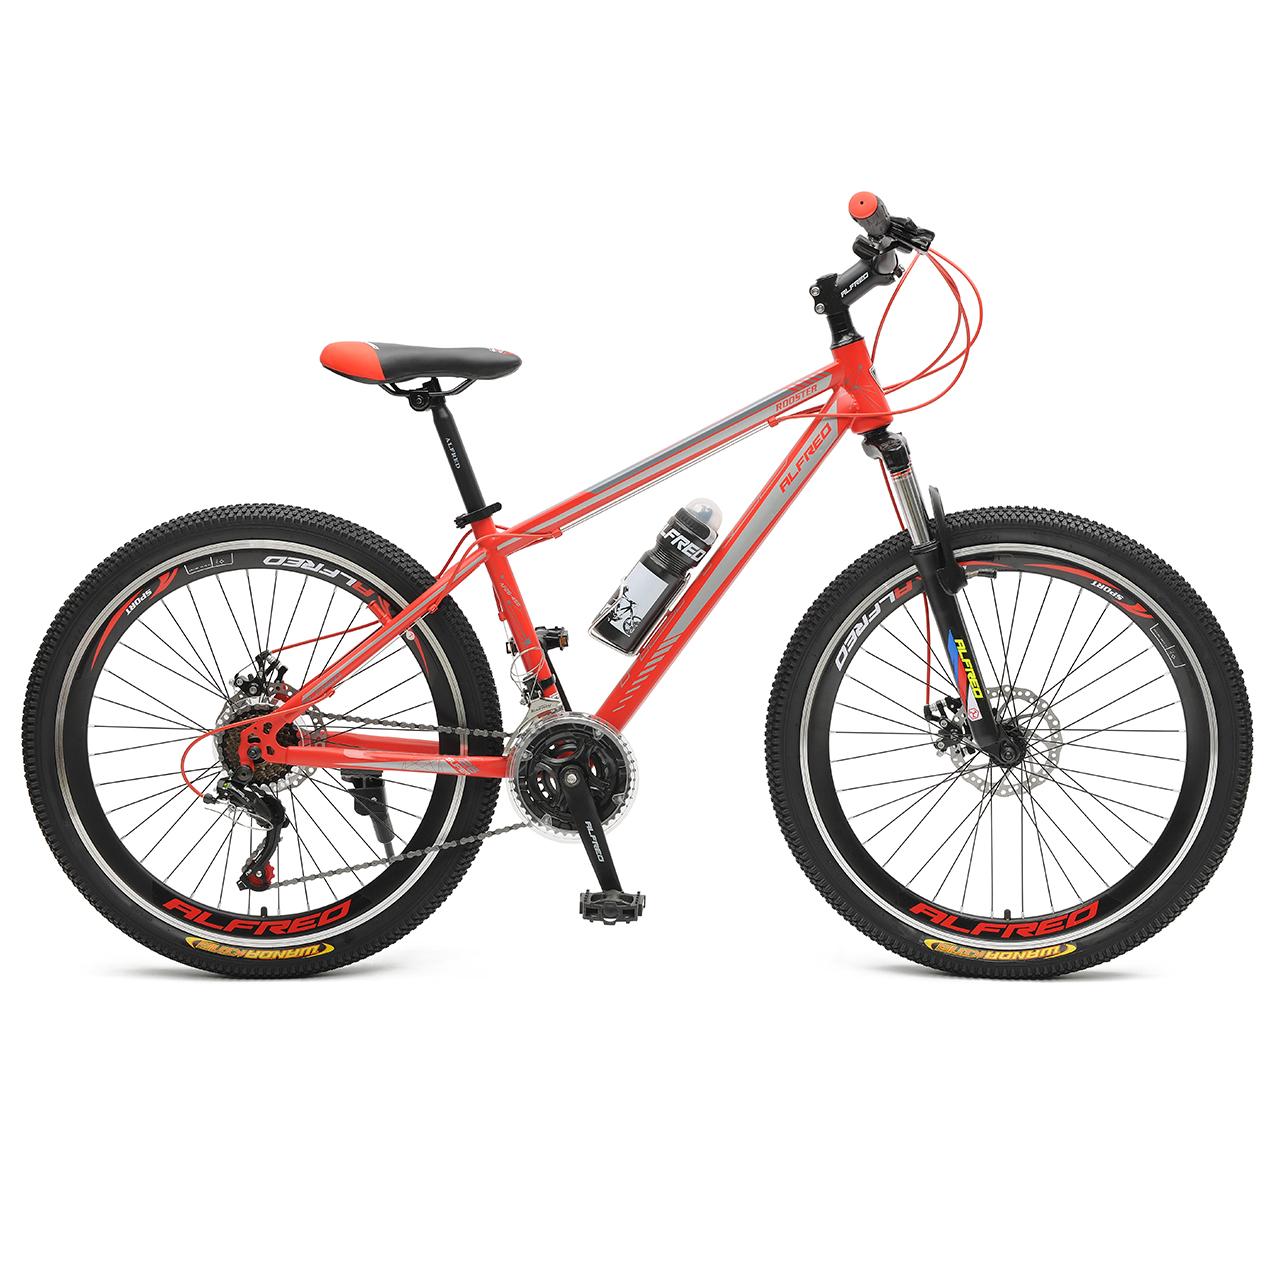 دوچرخه کوهستان آلفرد مدل Rooster سایز 26